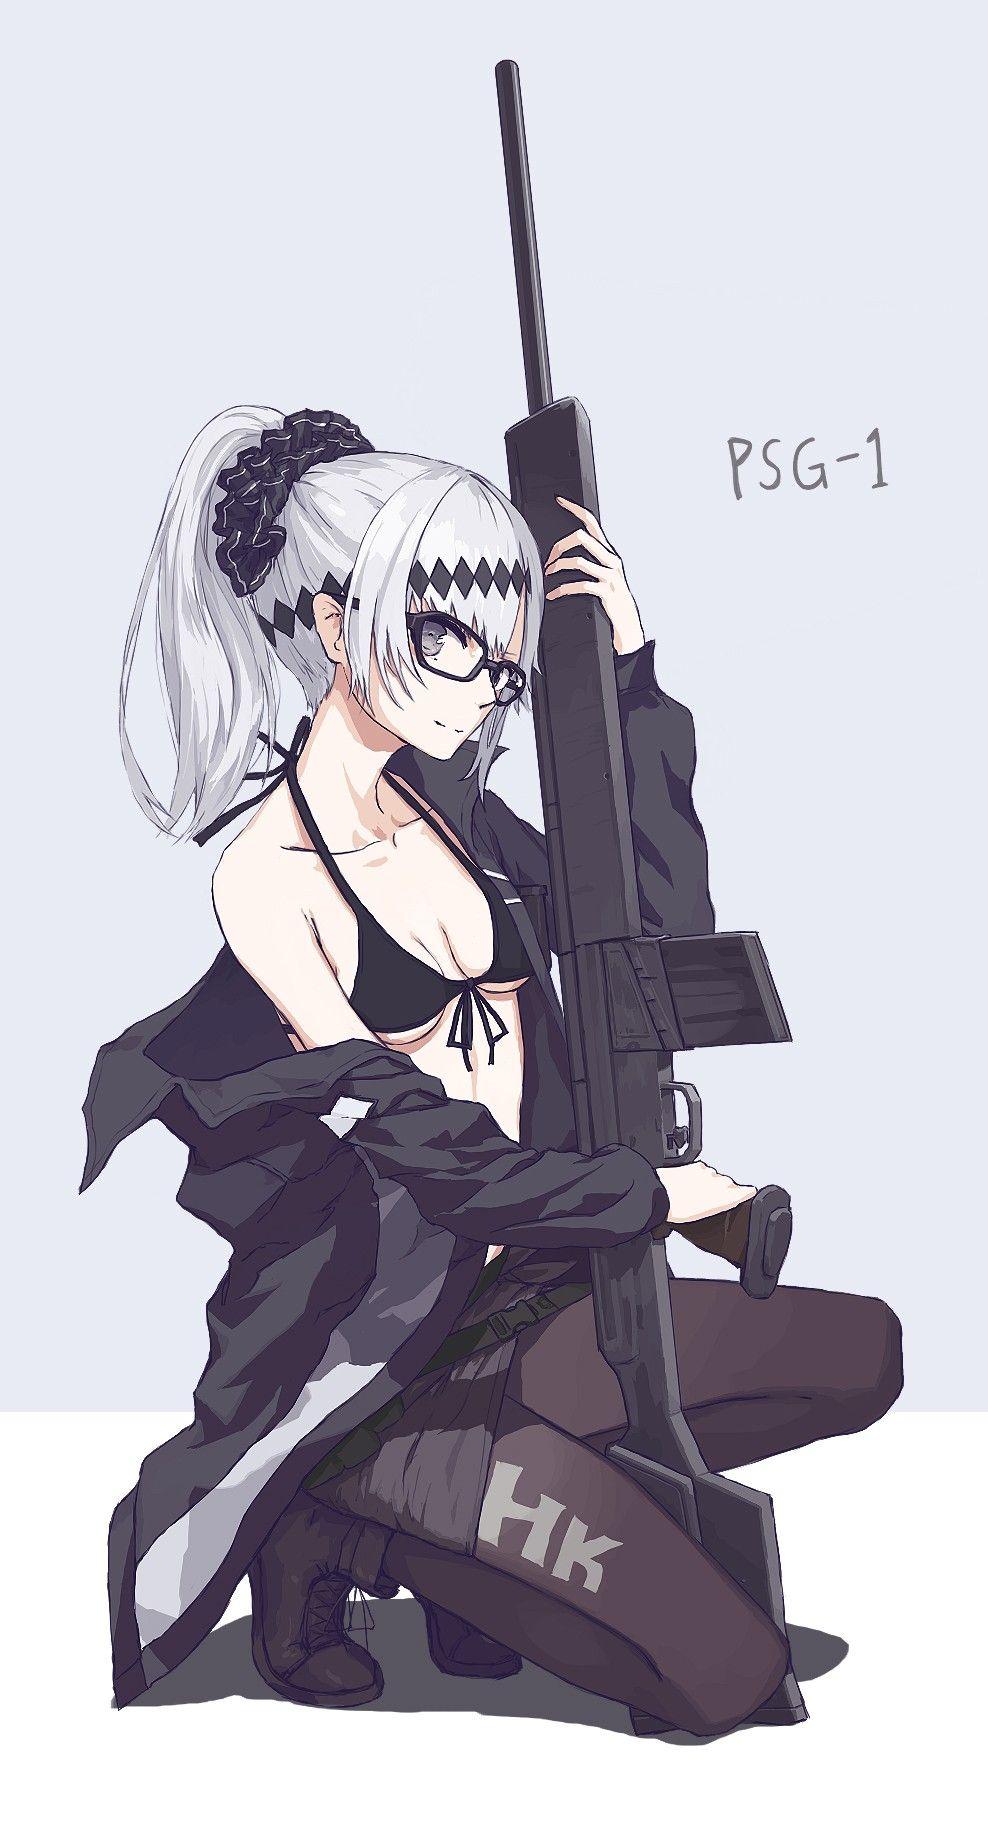 Art Of War Anime Art Girl Manga Girl Manga Anime Anime Girls